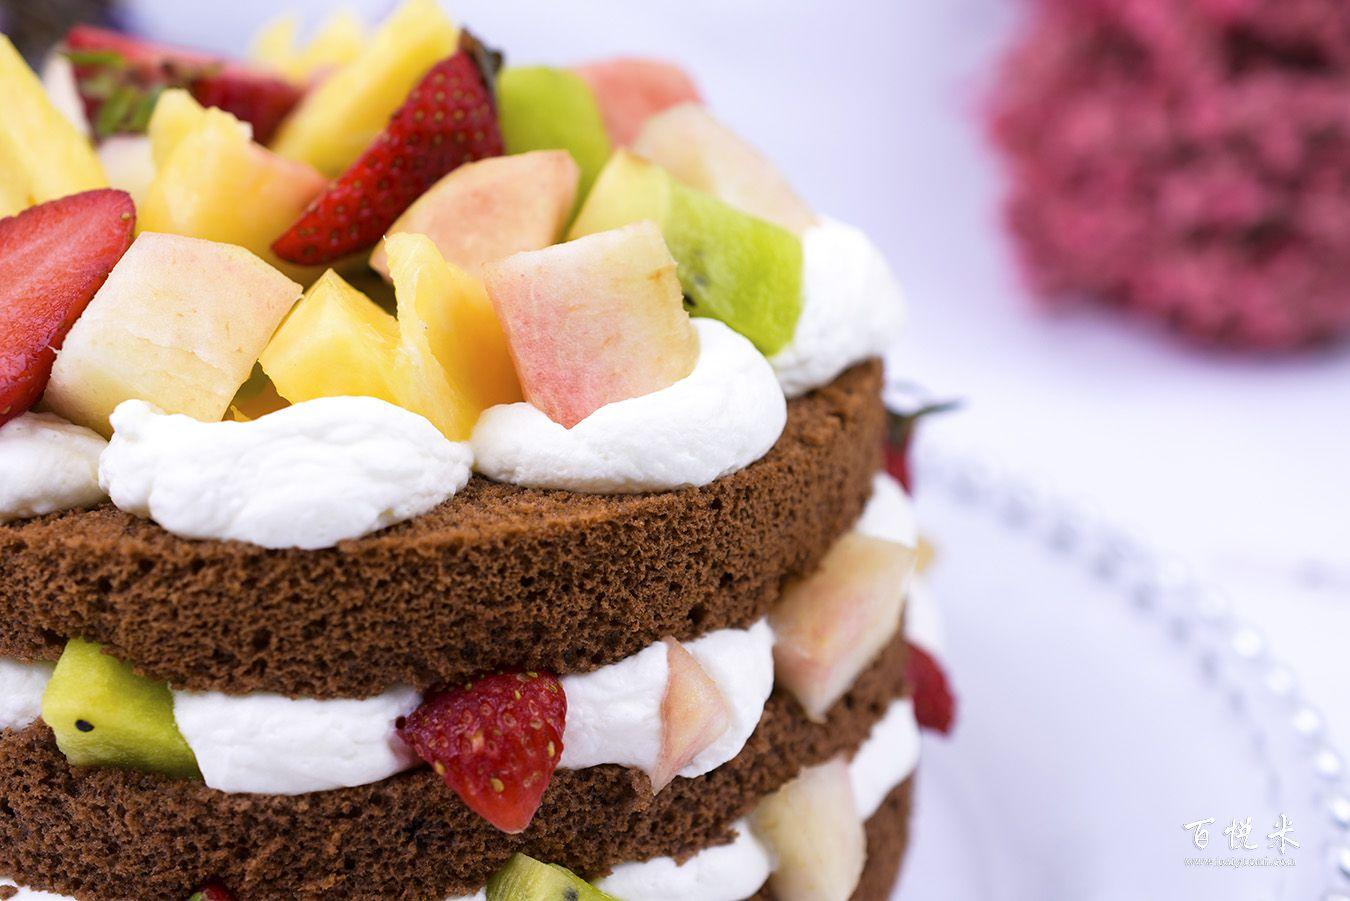 巧克力裸蛋糕高清图片大全【蛋糕图片】_1119